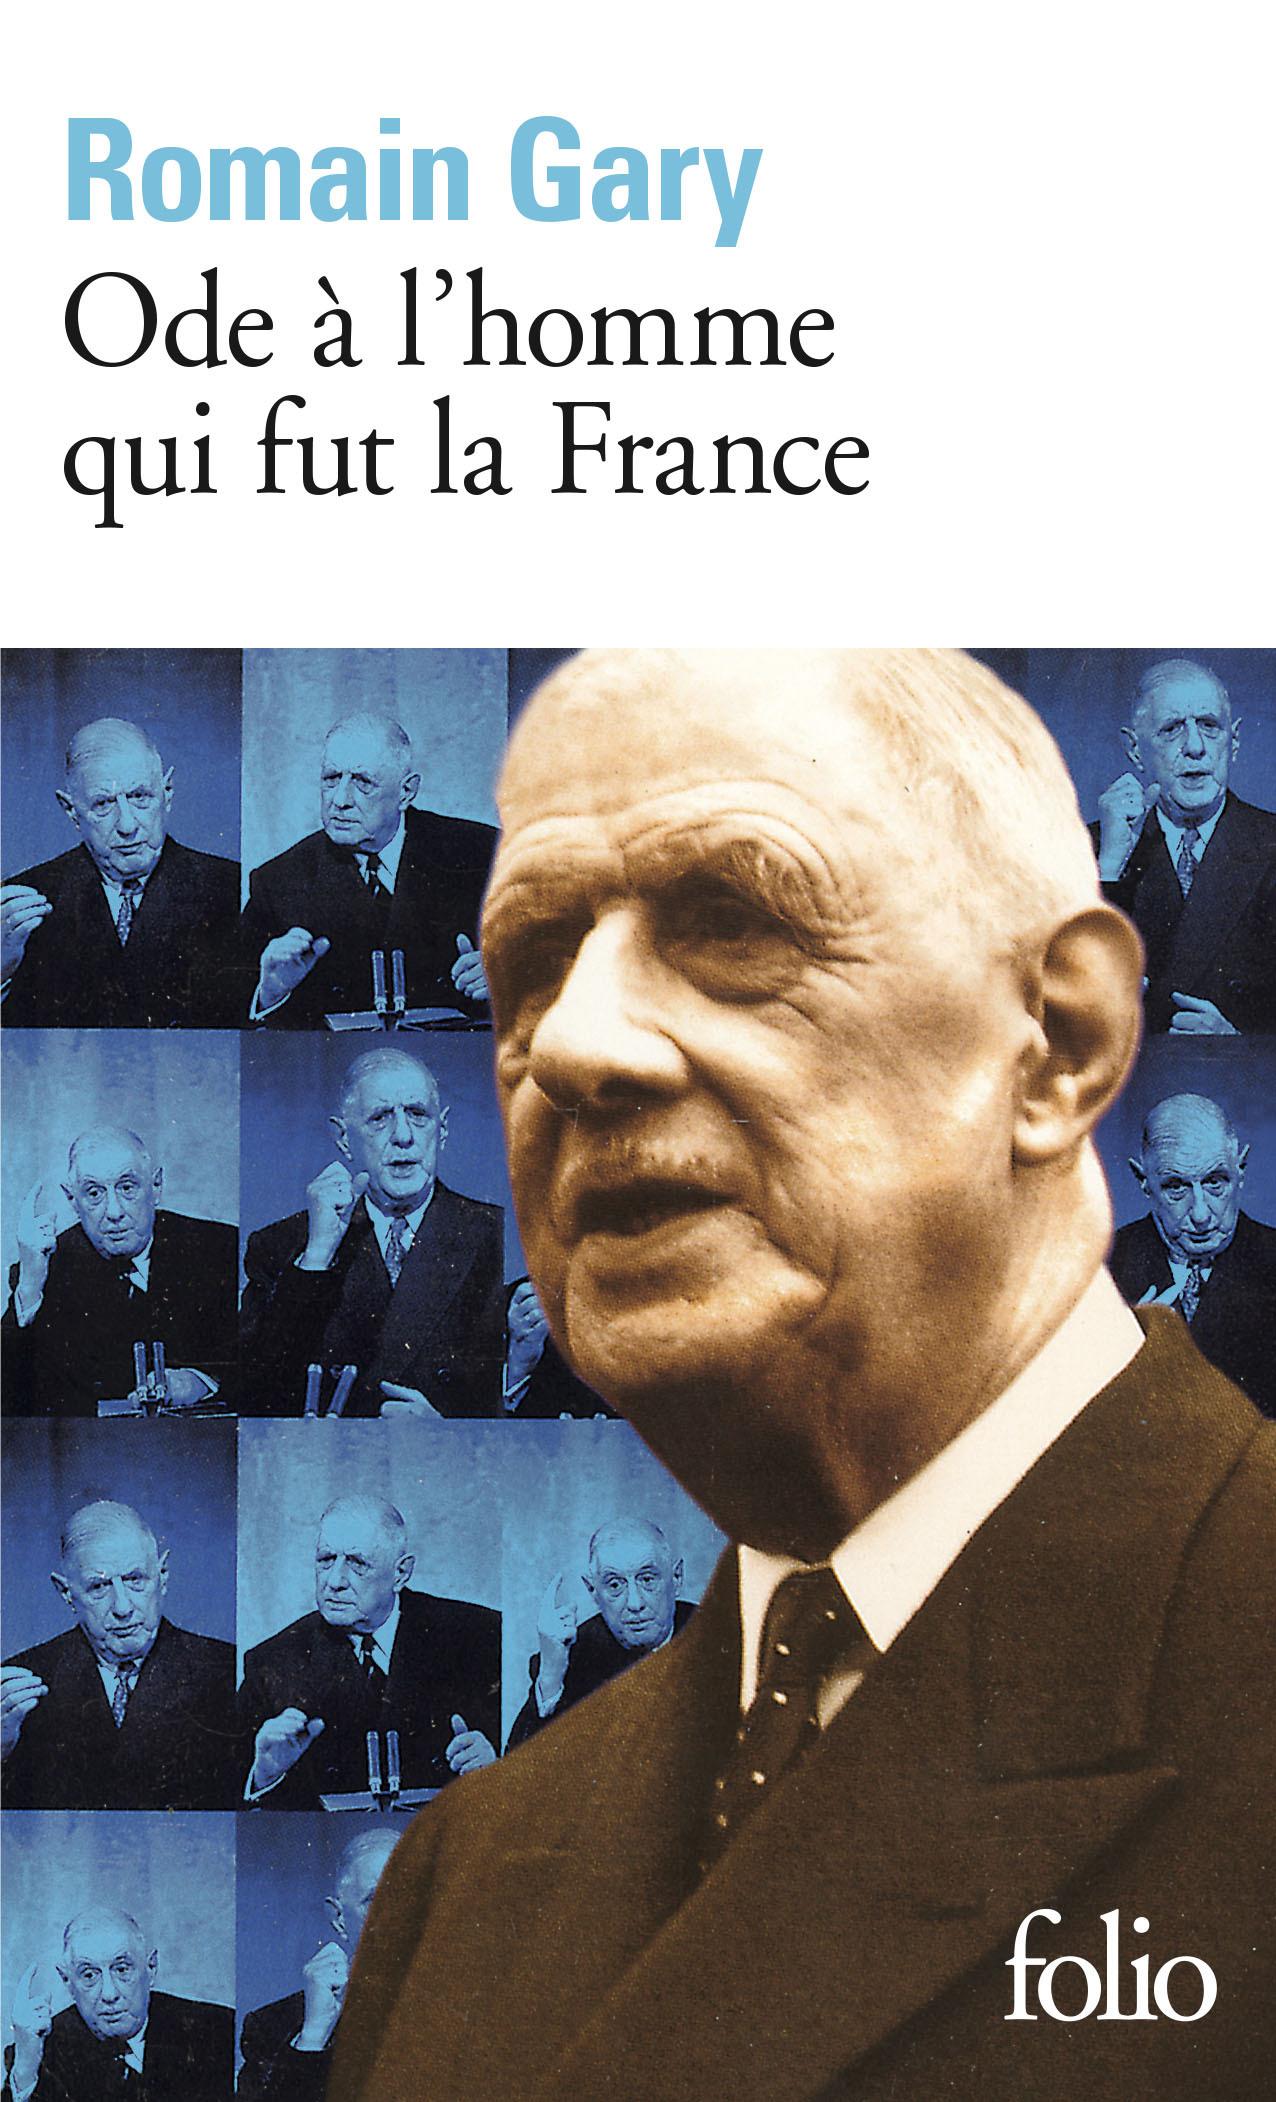 ODE A L'HOMME QUI FUT LA FRANCE ET AUTRES TEXTES AUTOUR DU GENERAL DE GAULLE